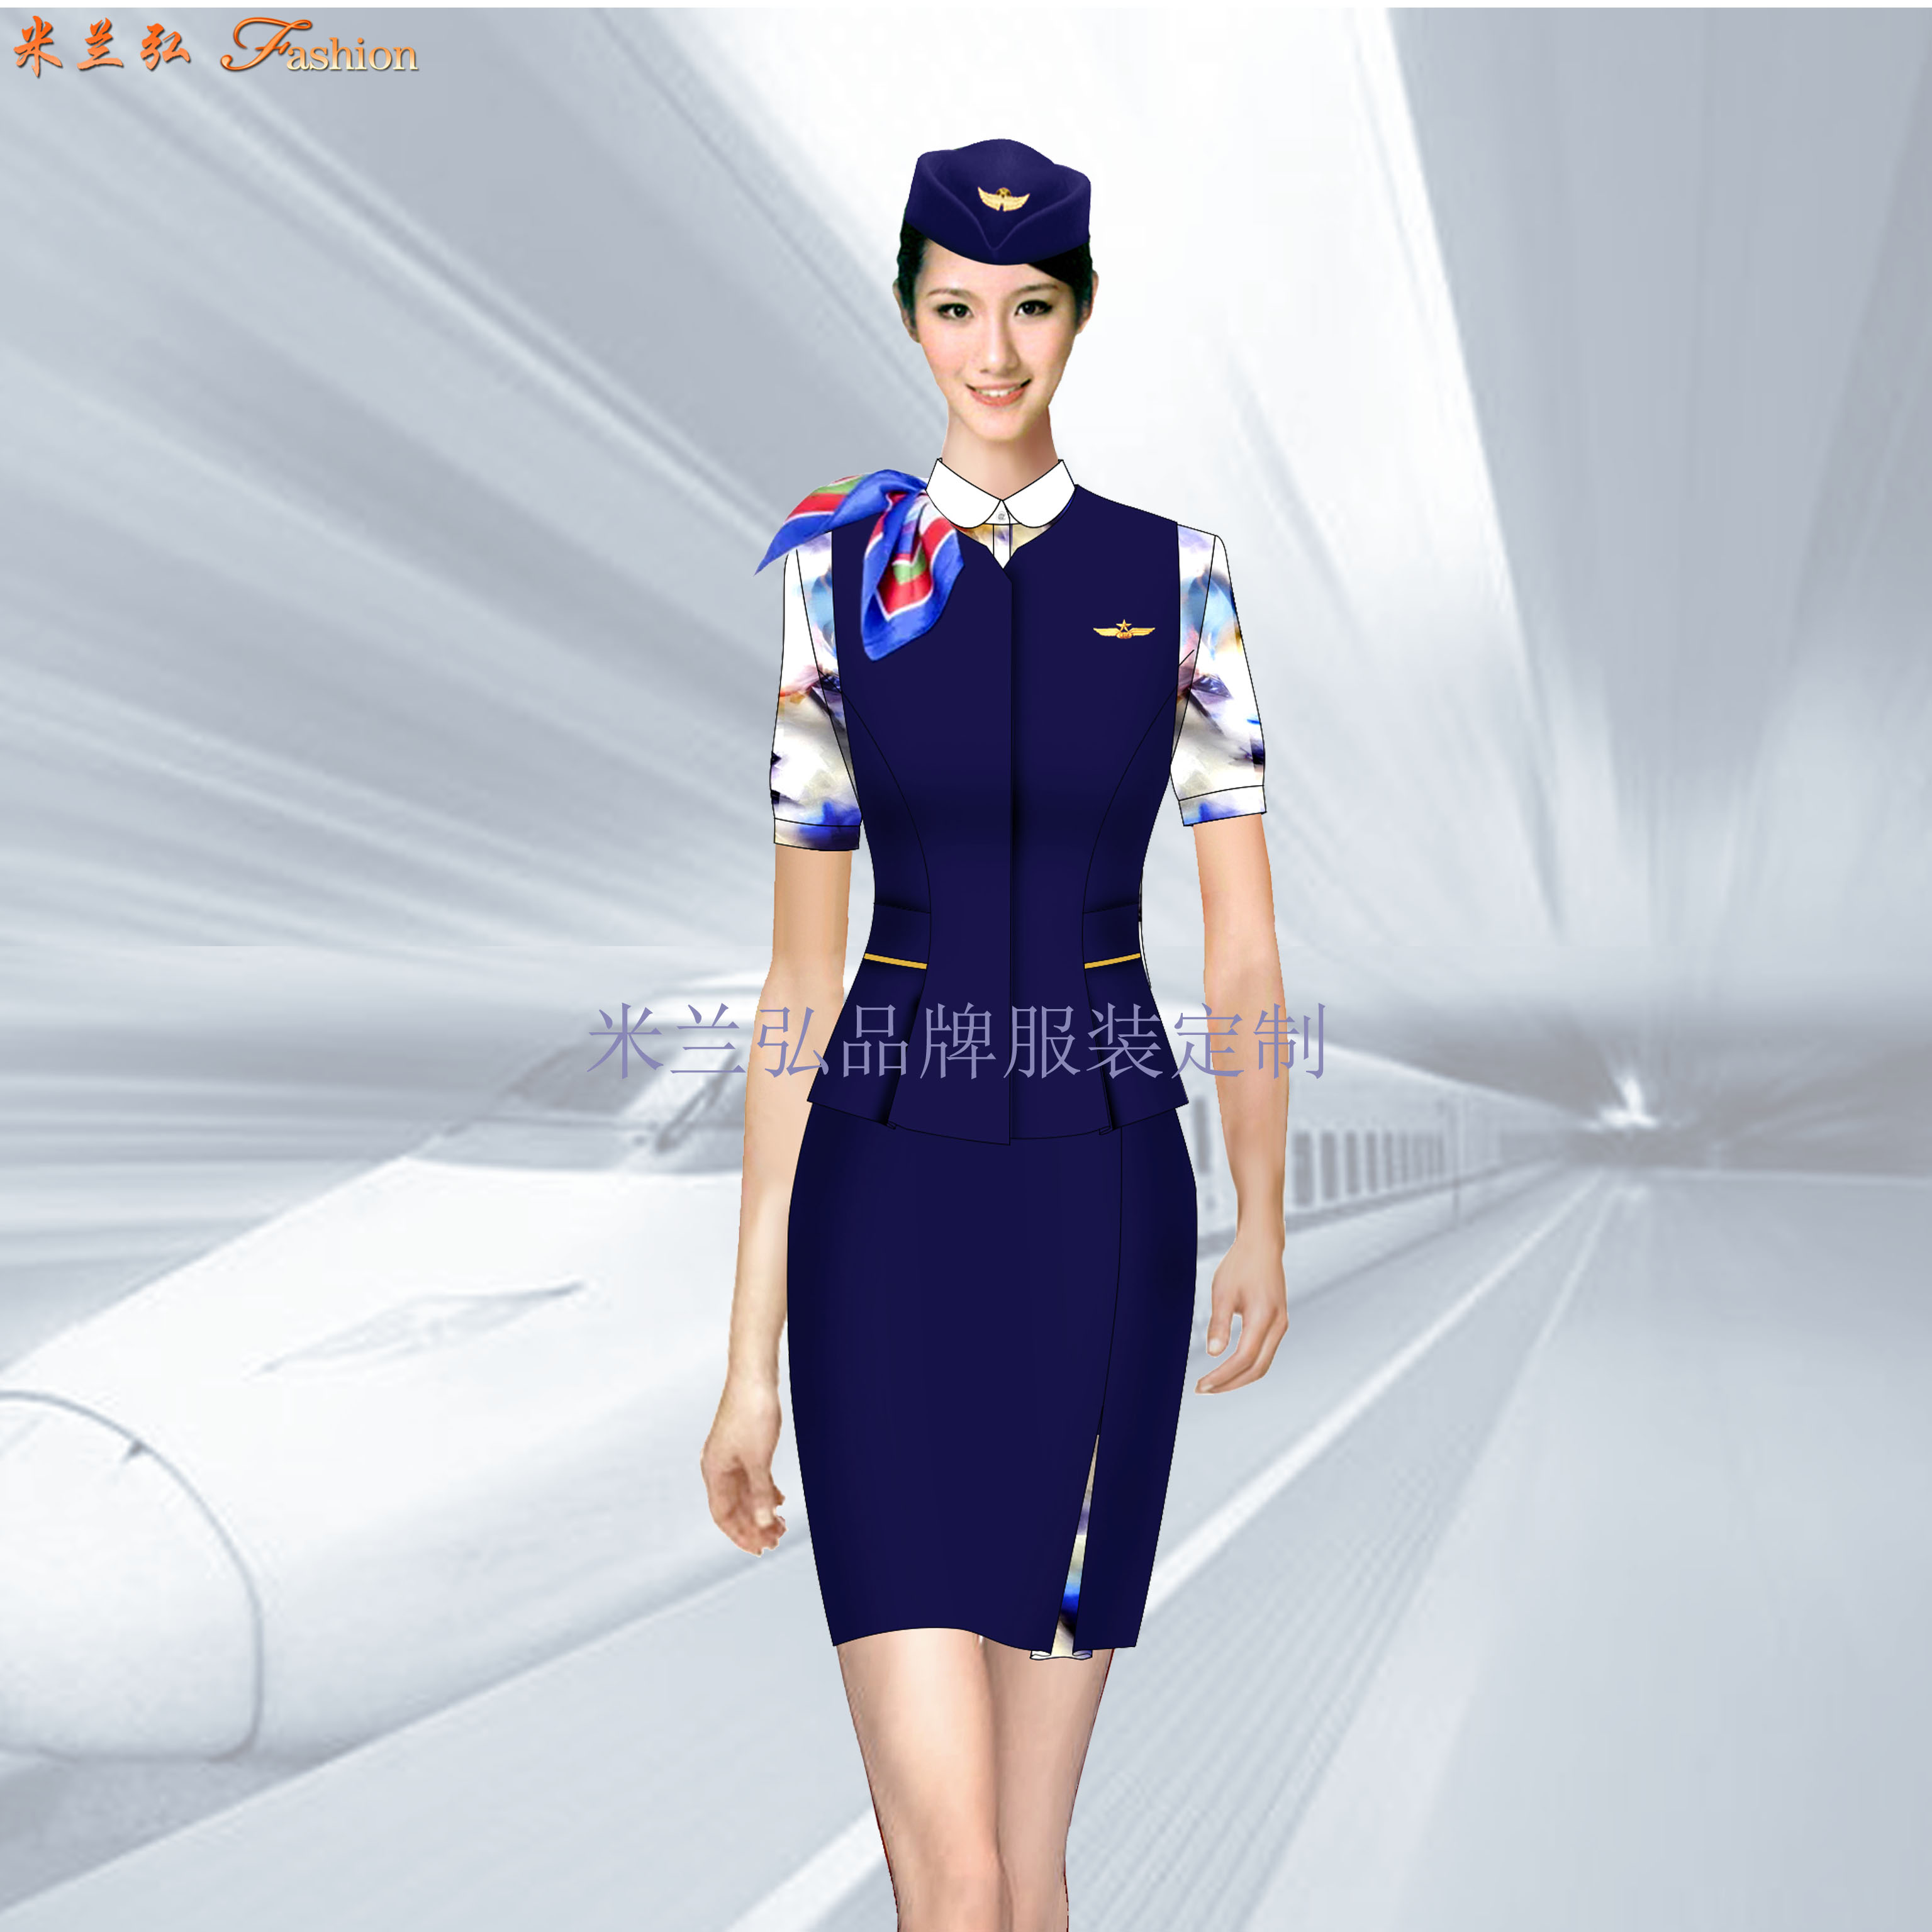 北京地鐵工作服定做_地鐵工裝定制-米蘭弘服裝廠家-4